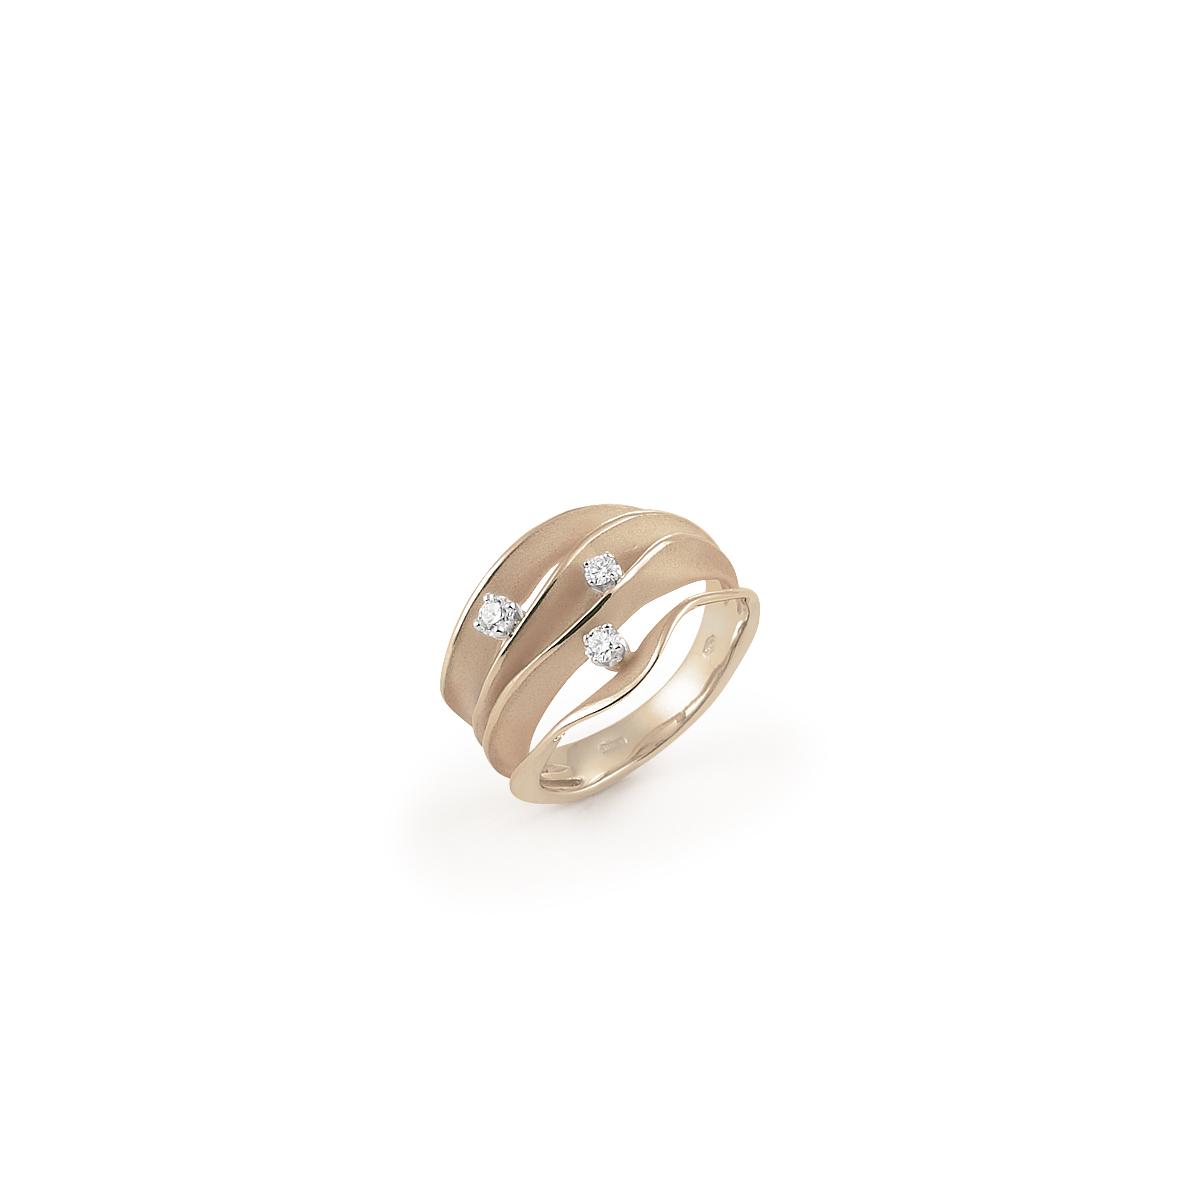 Annamaria Cammilli Dune Ring aus 18 Karat Natural Beige Gold mit Brillanten